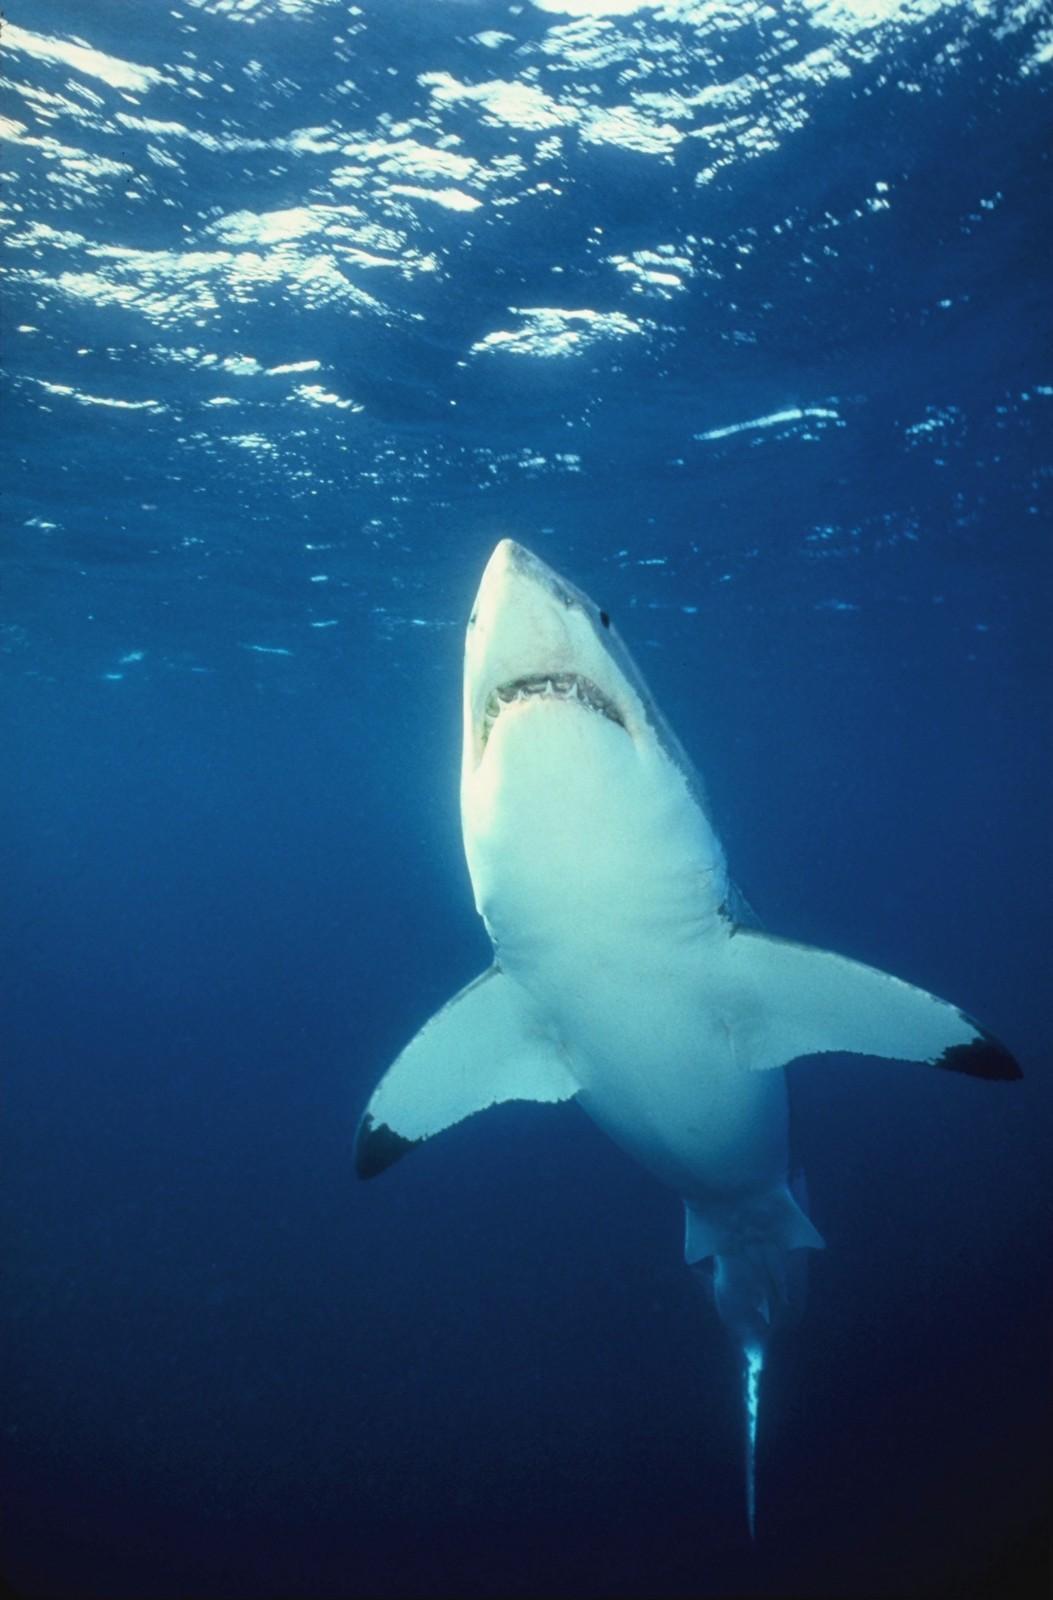 http://4.bp.blogspot.com/-PjH3Opq_ofM/Tkgqyw6PrEI/AAAAAAAALQo/sV0VP9cT3iI/s1600/Sharks+and+Killer+Whales+Wallpaper+%252846%2529.JPG